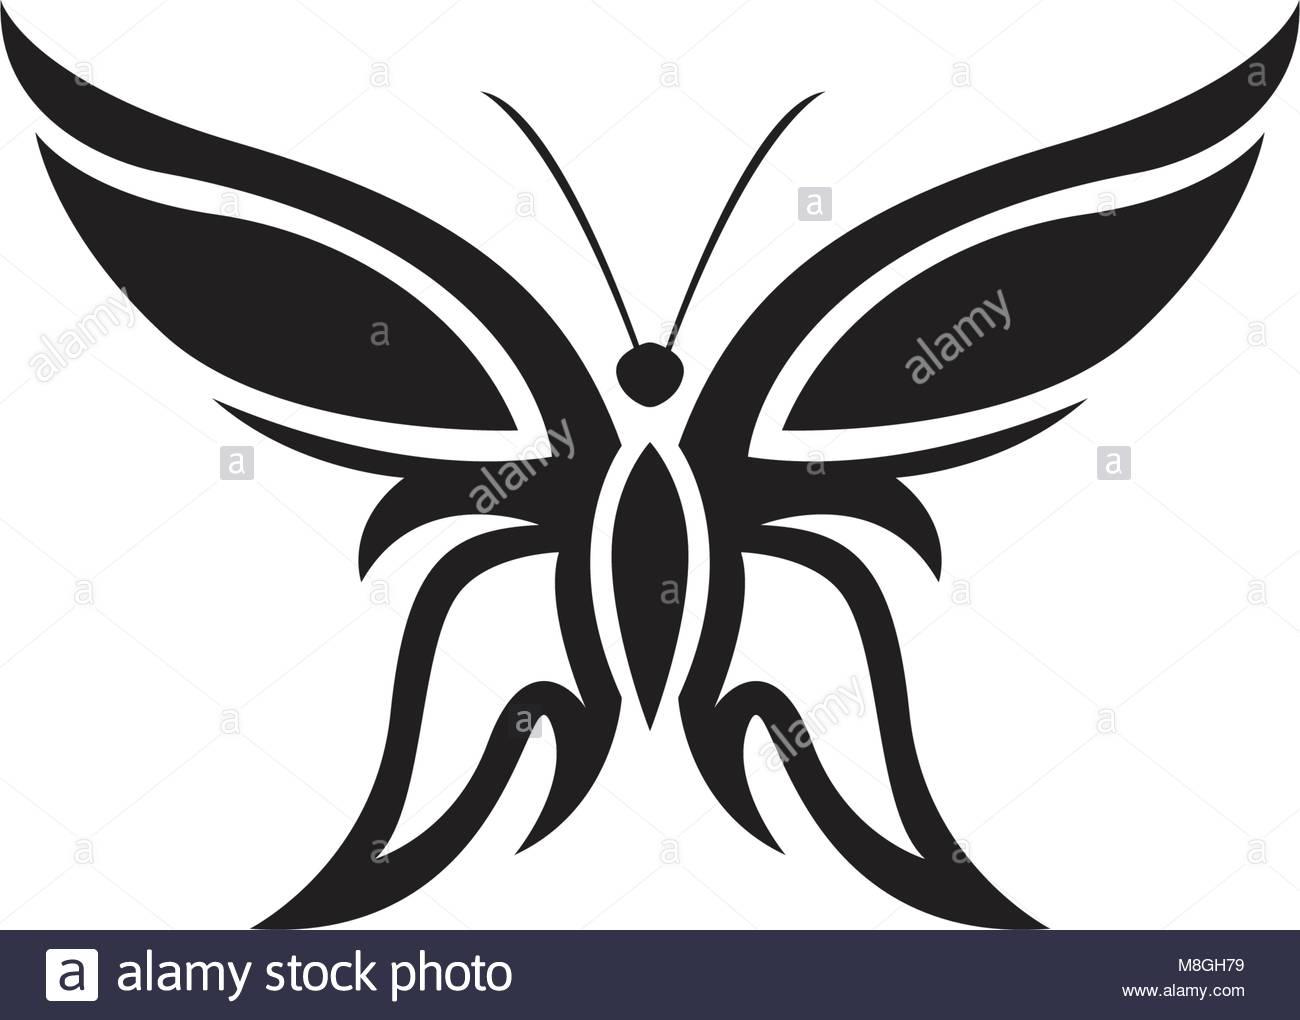 Dragonfly Vector Vectors Imágenes De Stock & Dragonfly Vector ...